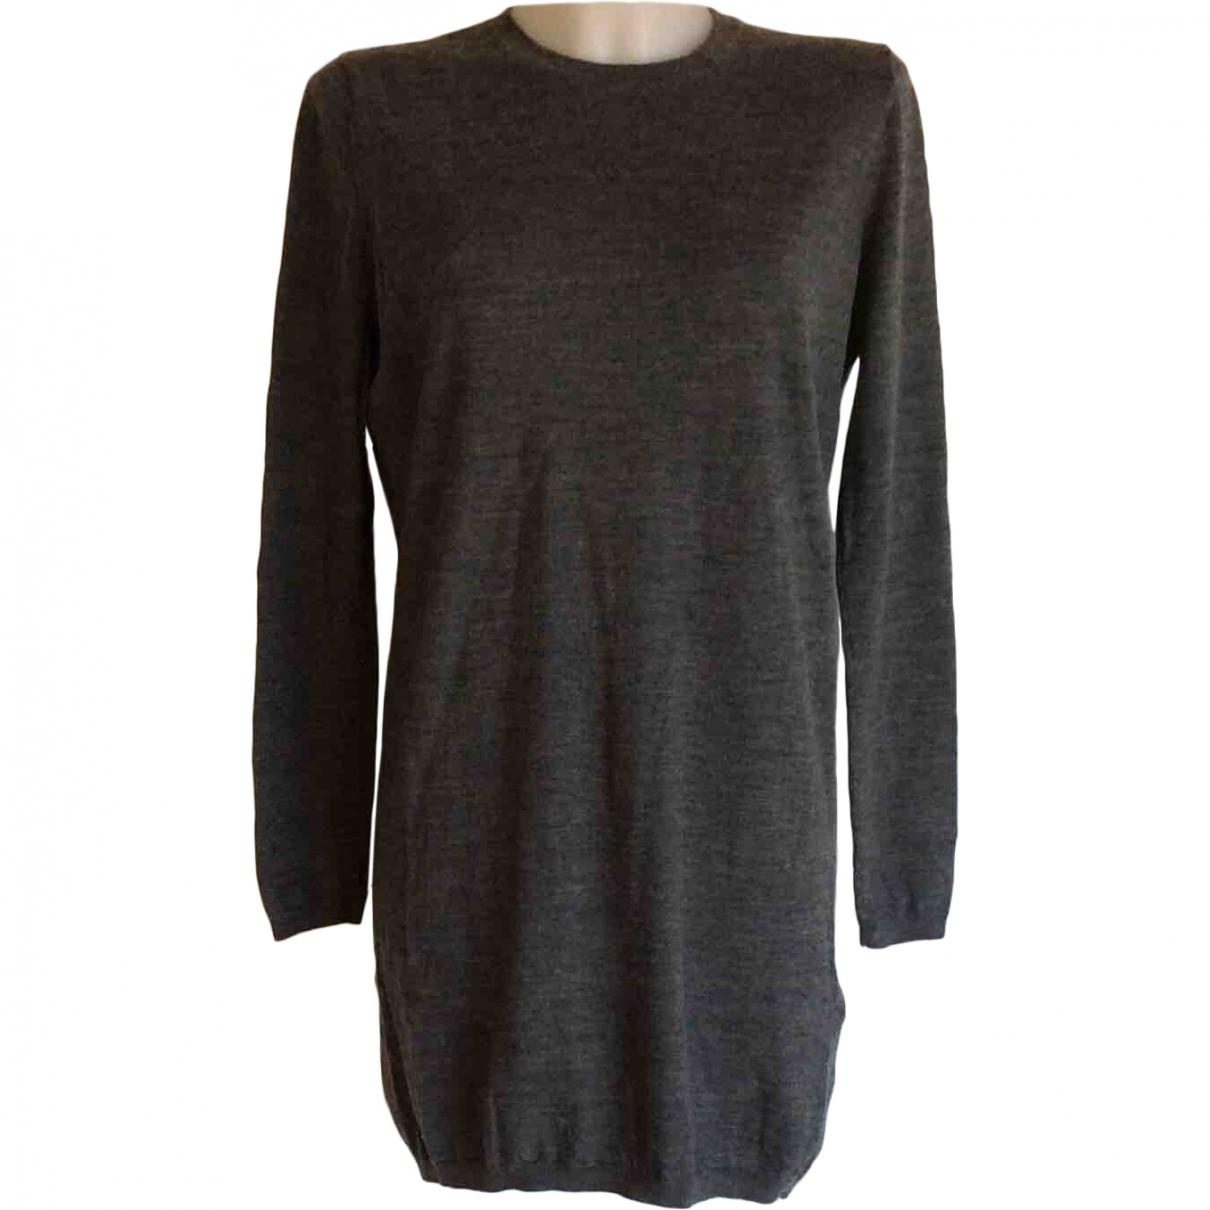 Samsoe & Samsoe \N Pullover in  Grau Wolle